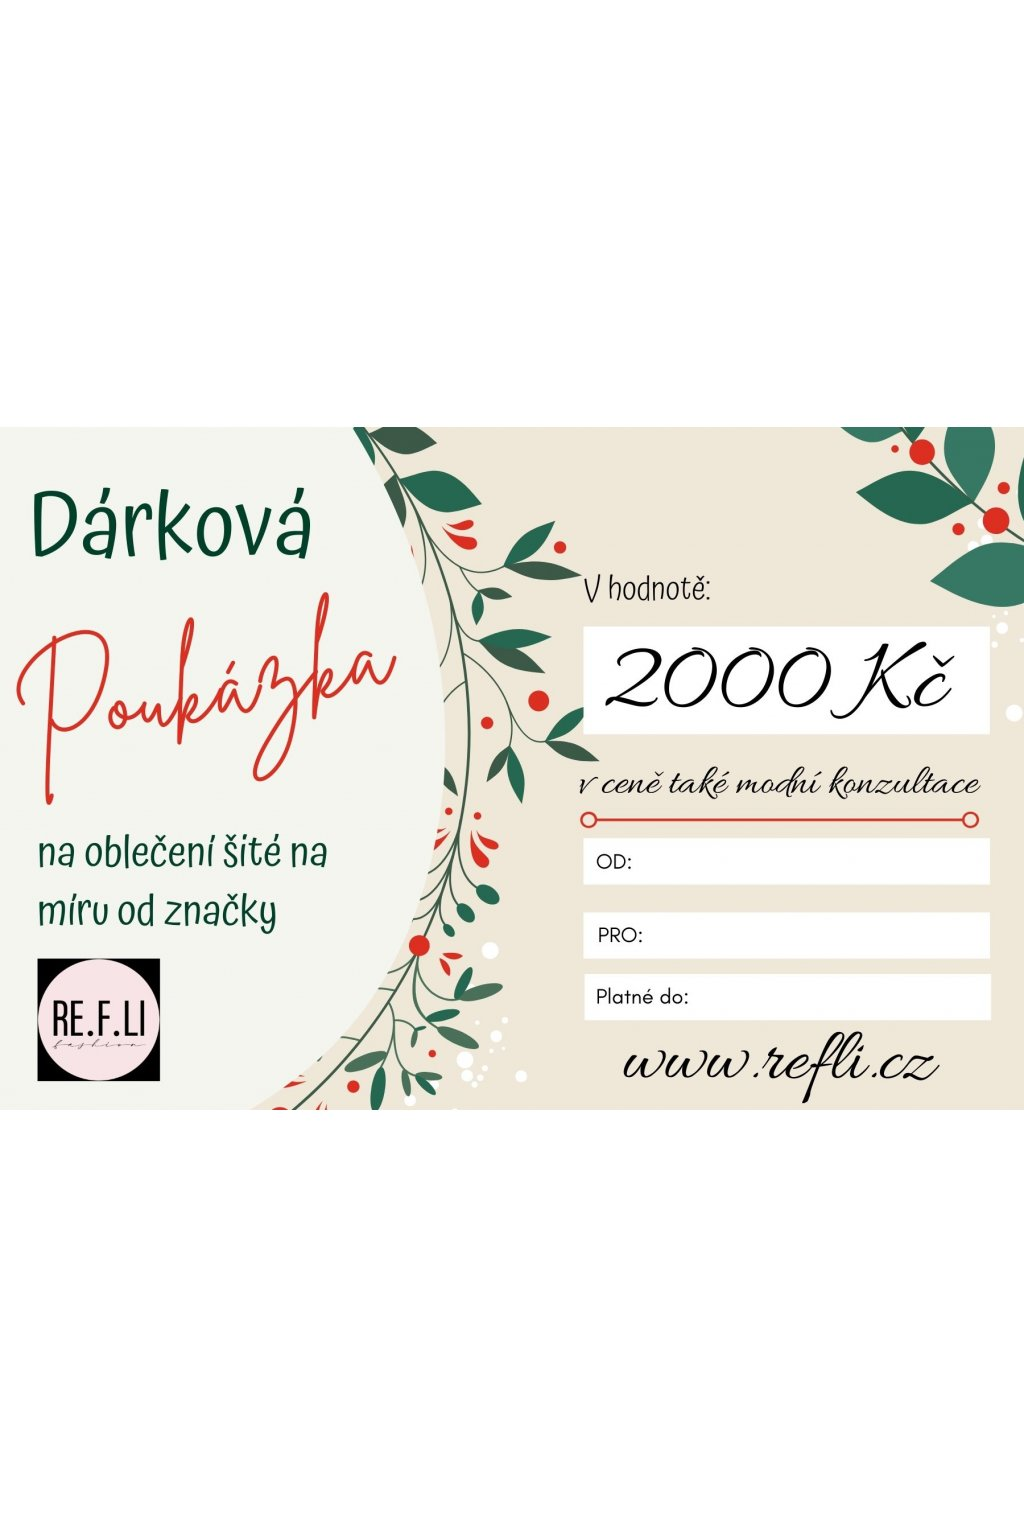 137 darkovy poukaz v hodnote 2000 kc